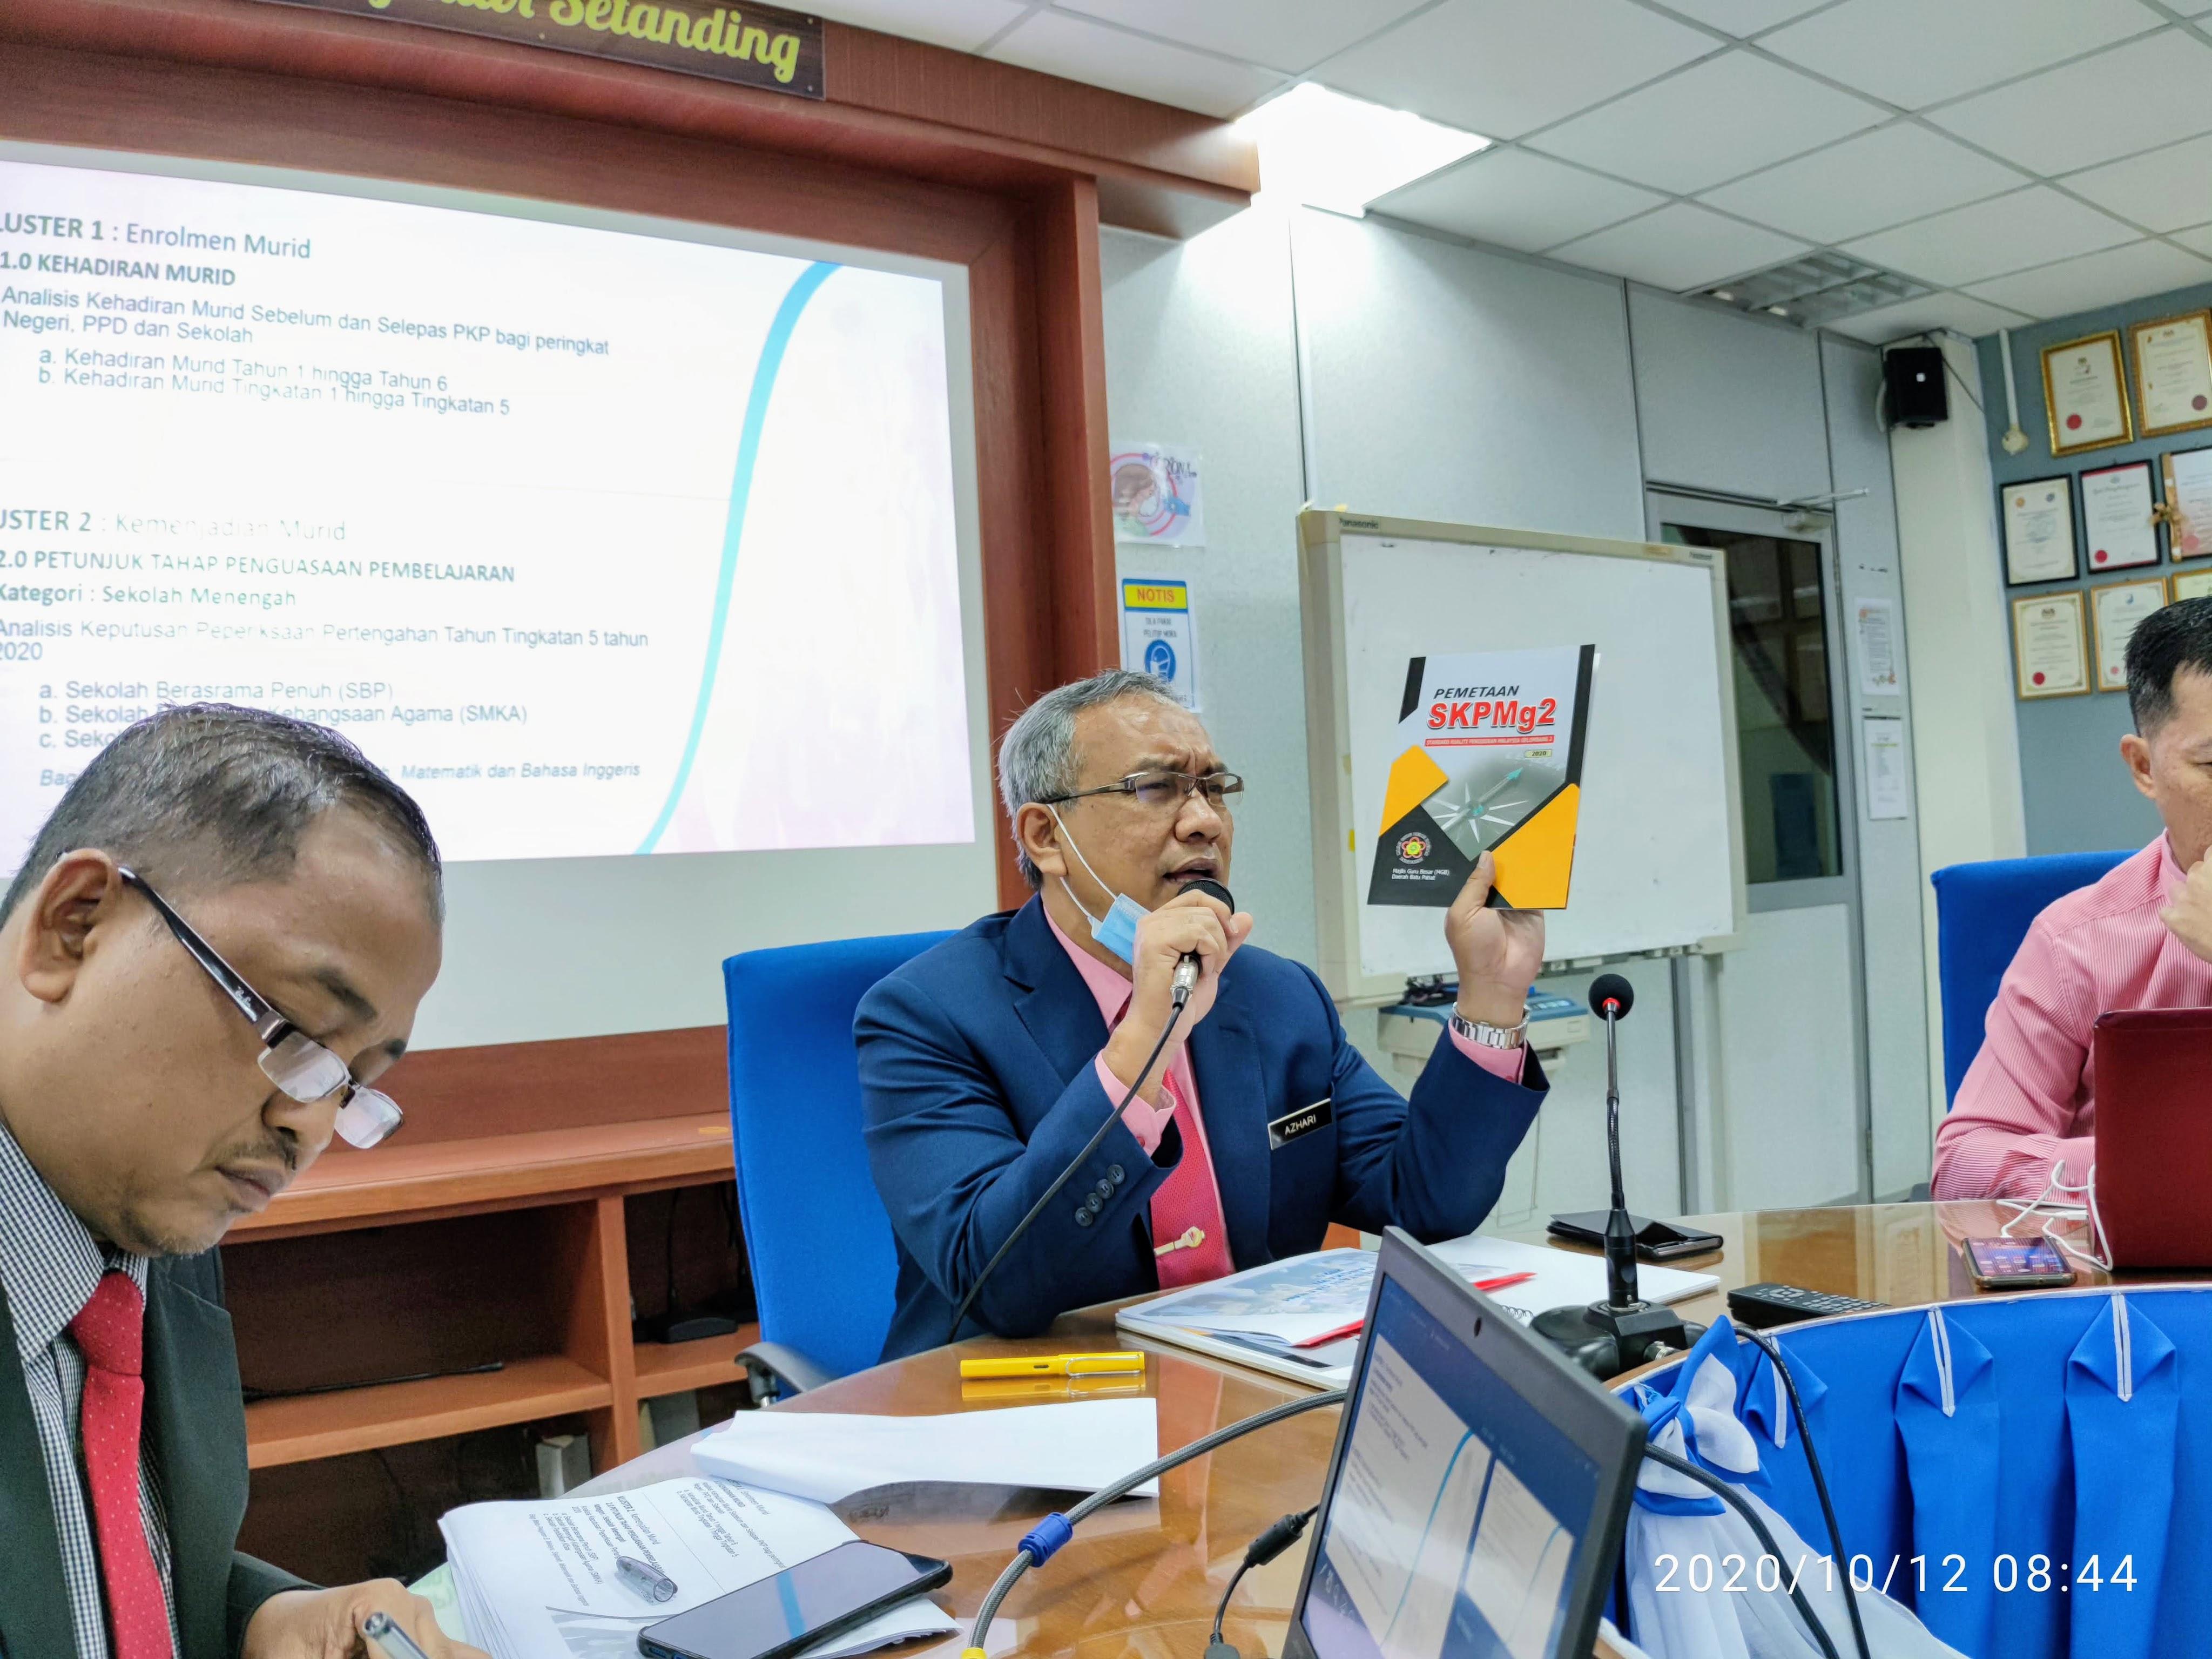 PPD menunjukkan Buku Panduan SKPMg2